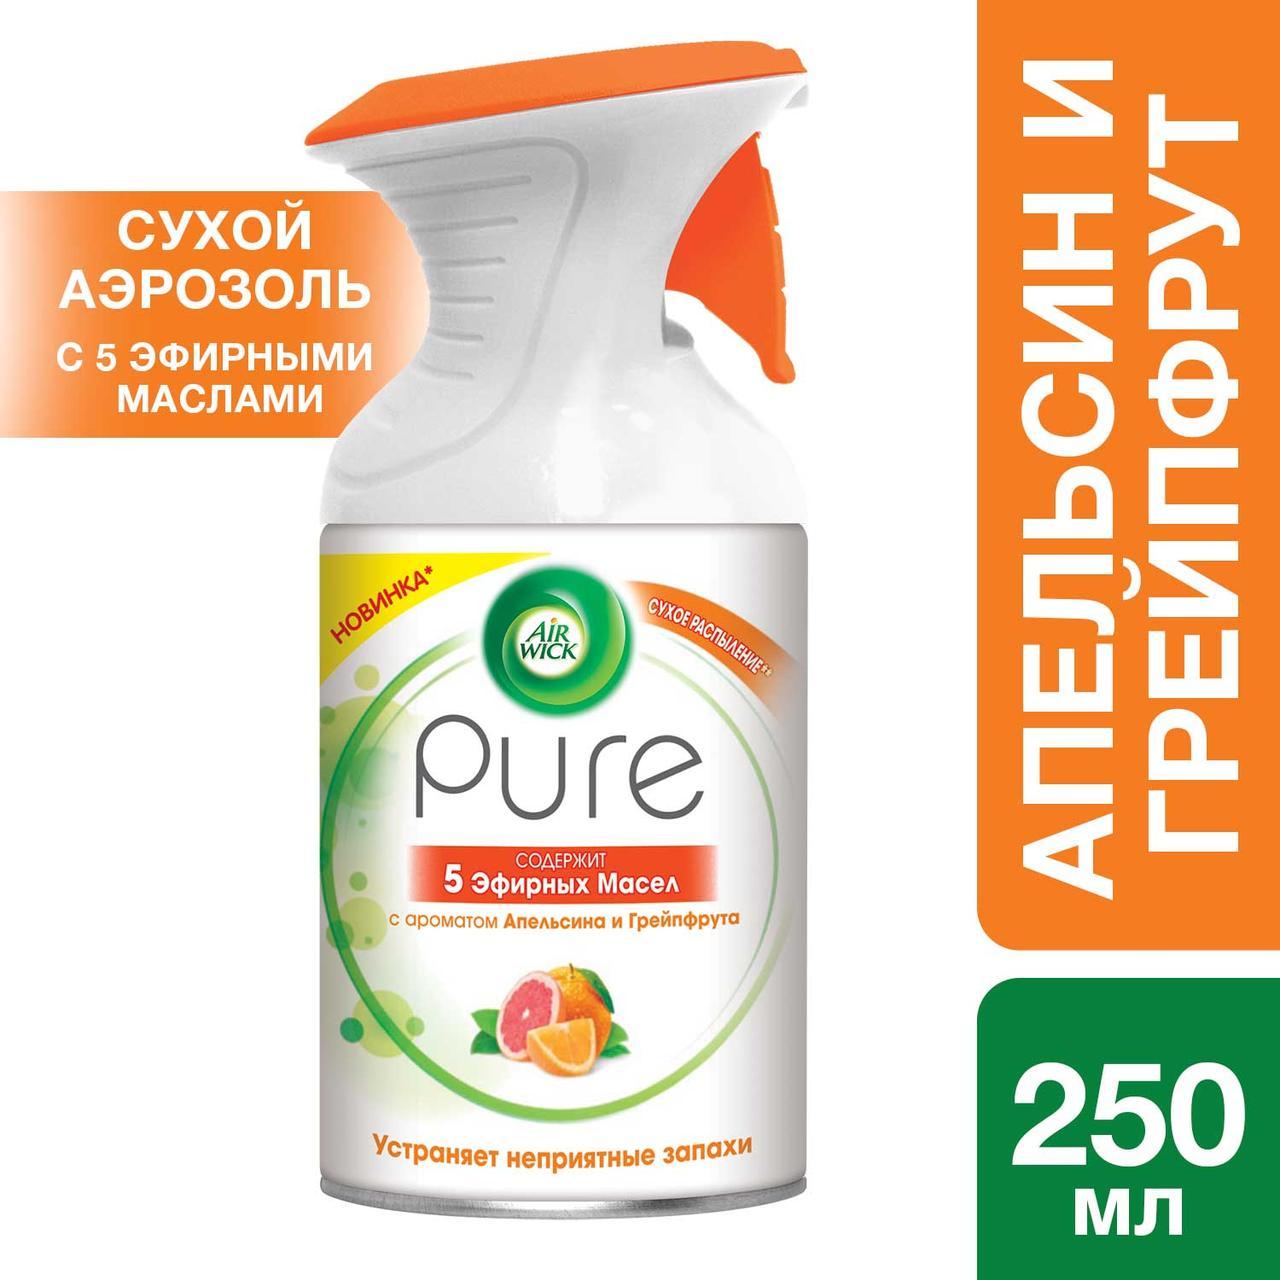 Аерозольний освіжувач повітря Air Wick Pure c ароматом Апельсин і Грейпфрут 250 мл